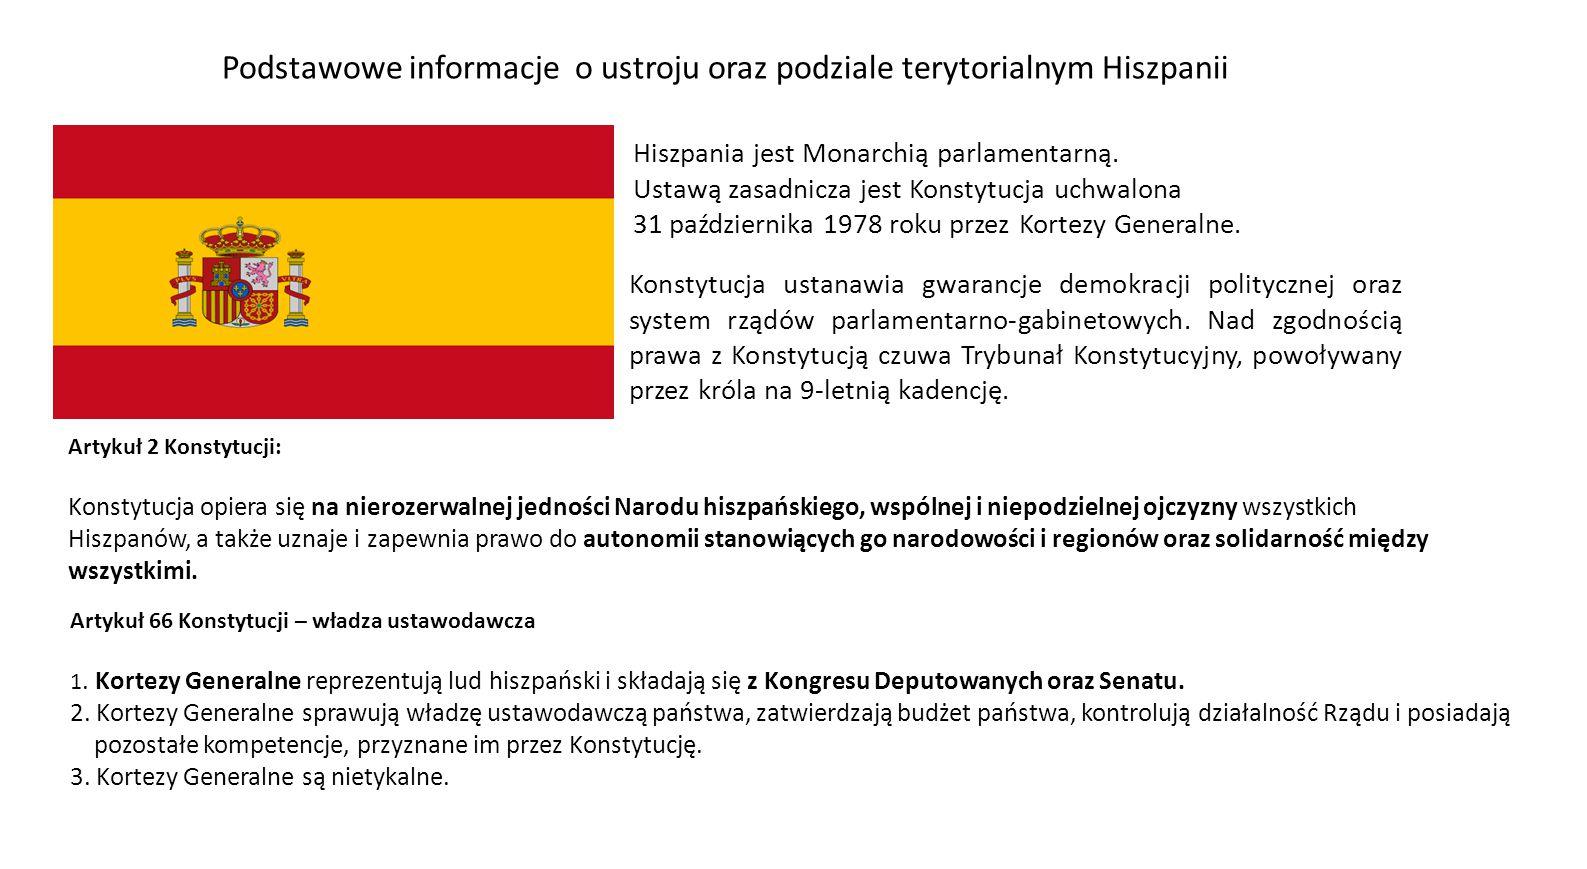 Hiszpania jest Monarchią parlamentarną.